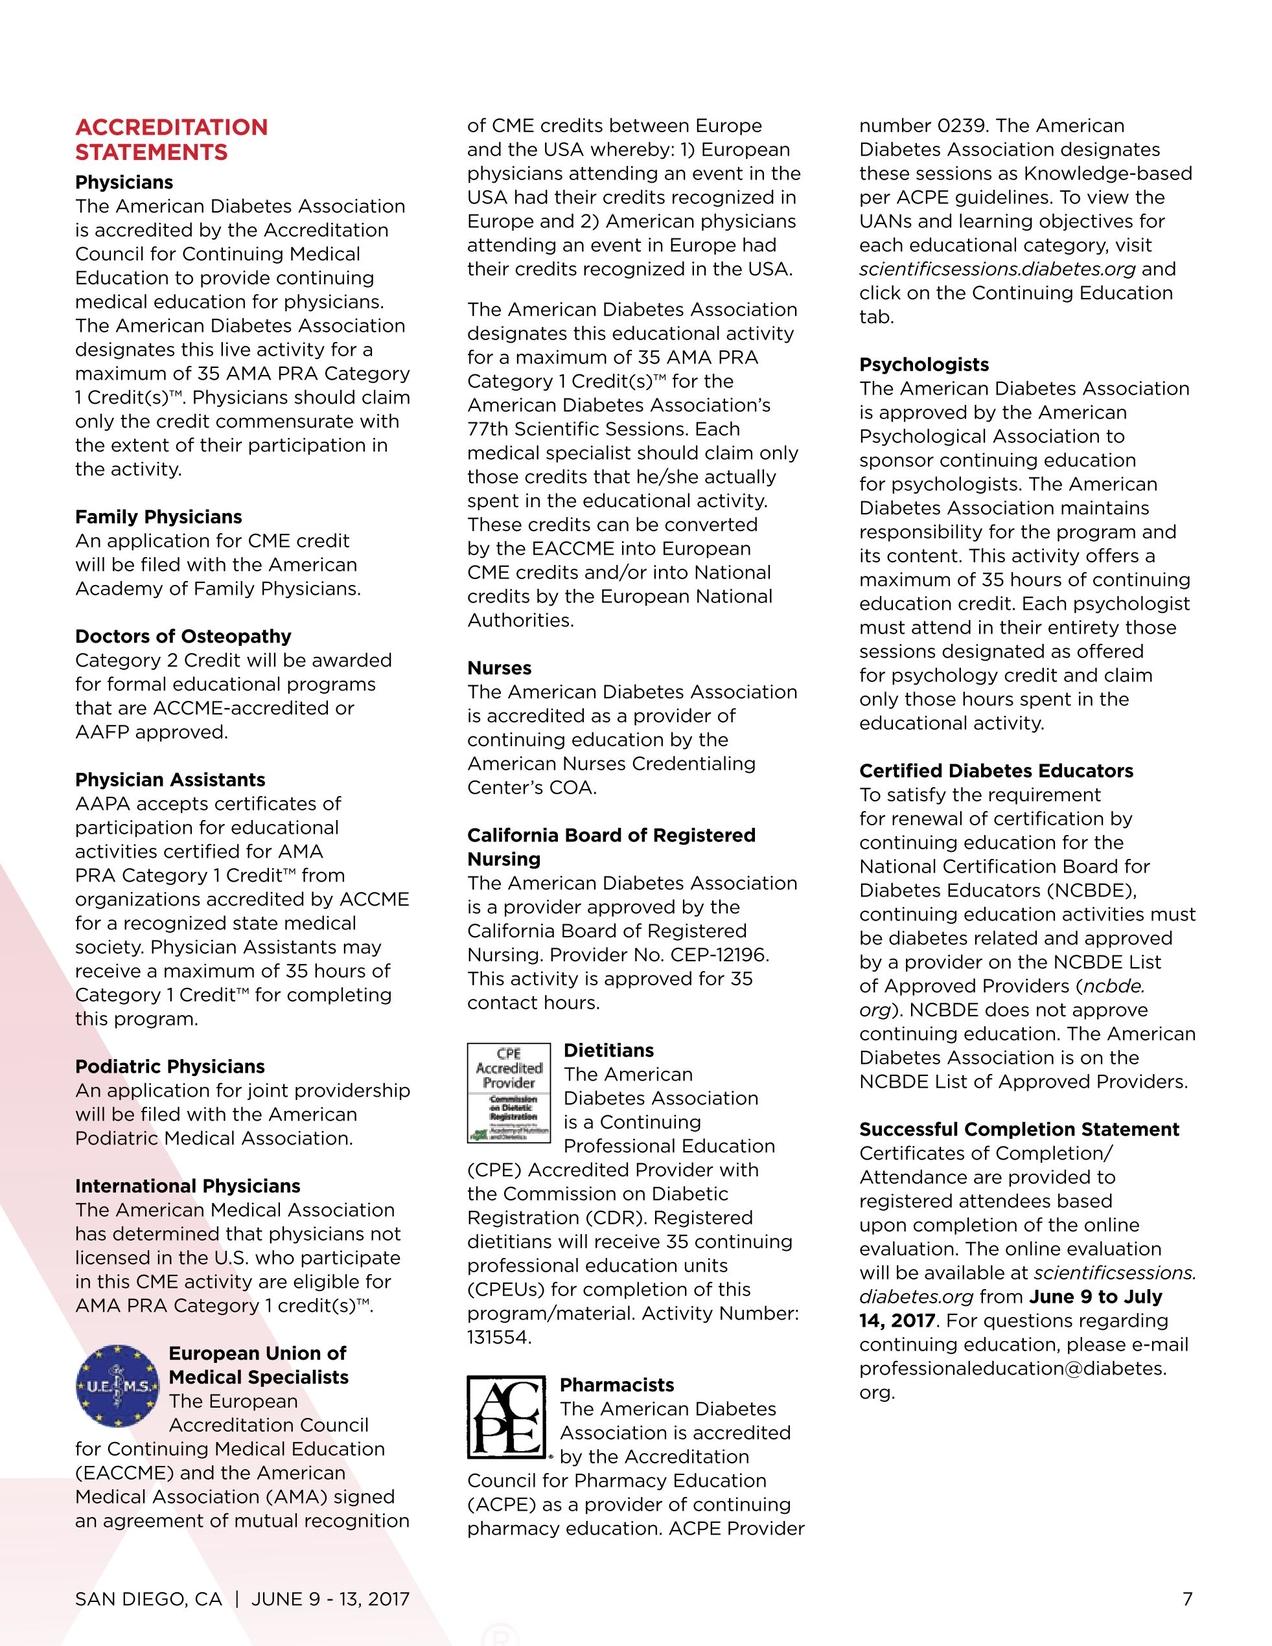 Scientific Sessions Advance Program 2017